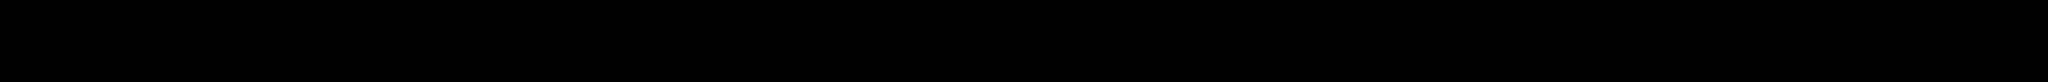 DENSO 90048-51079, D116, 98079-571-5E, 98079-571-5E01, 8-94328375-0 Запалителна свещ